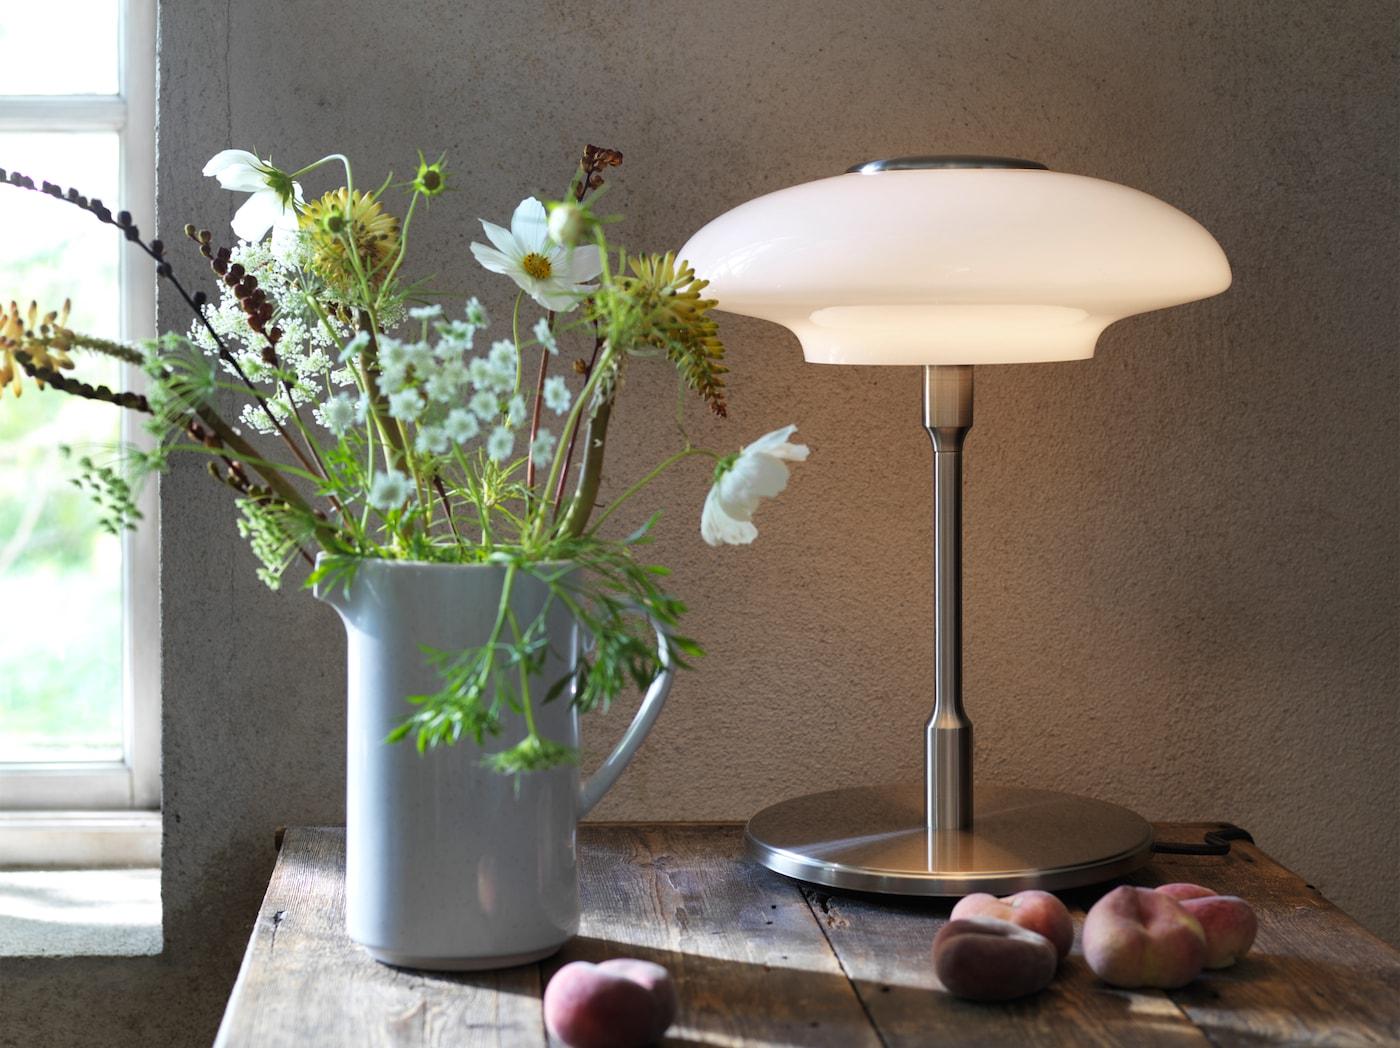 Stimmungsvolle Beleuchtung mit einer TÄLLBYN Tischleuchte, deren Form dem Art Deco angelehnt ist, auf einem Holztisch neben einer Vase.